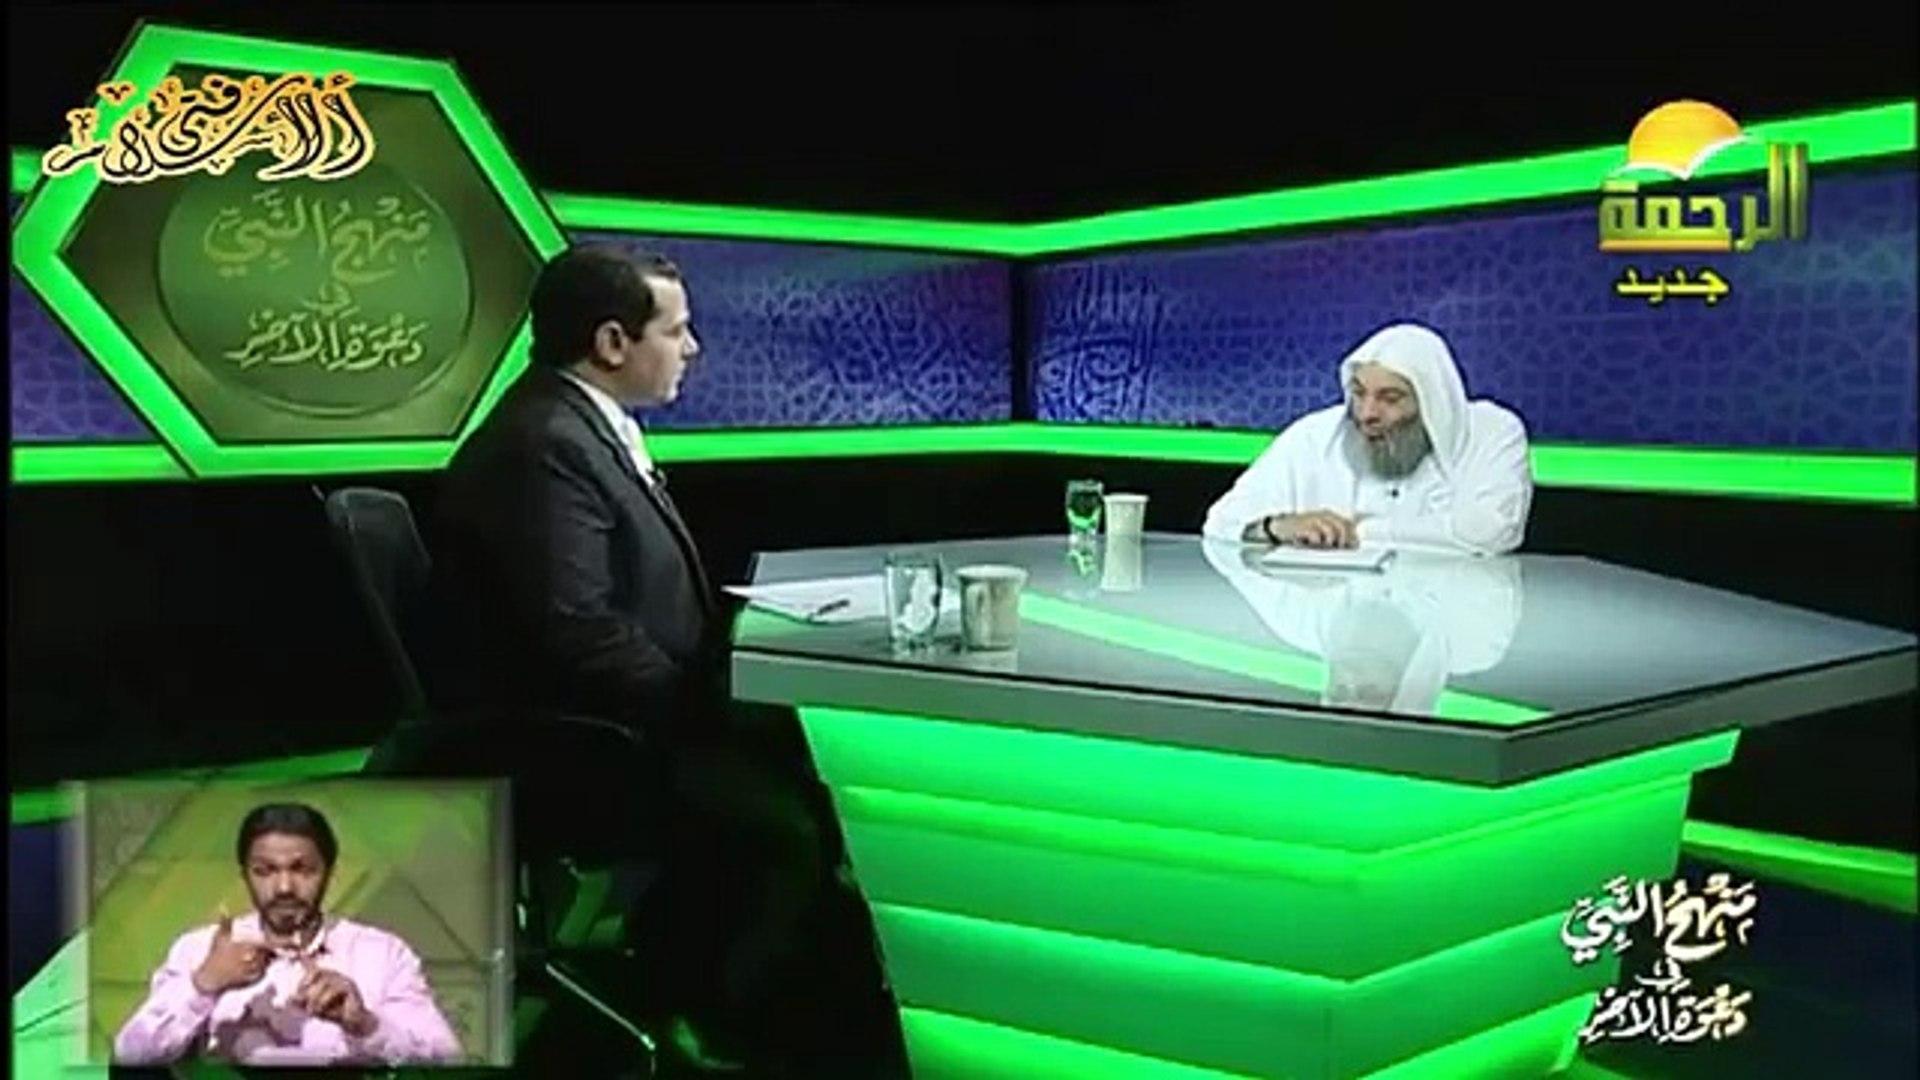 الاسلام اسلامية منهج النبى فى دعوة الاخر بلغة الاشارة الحلقة 5